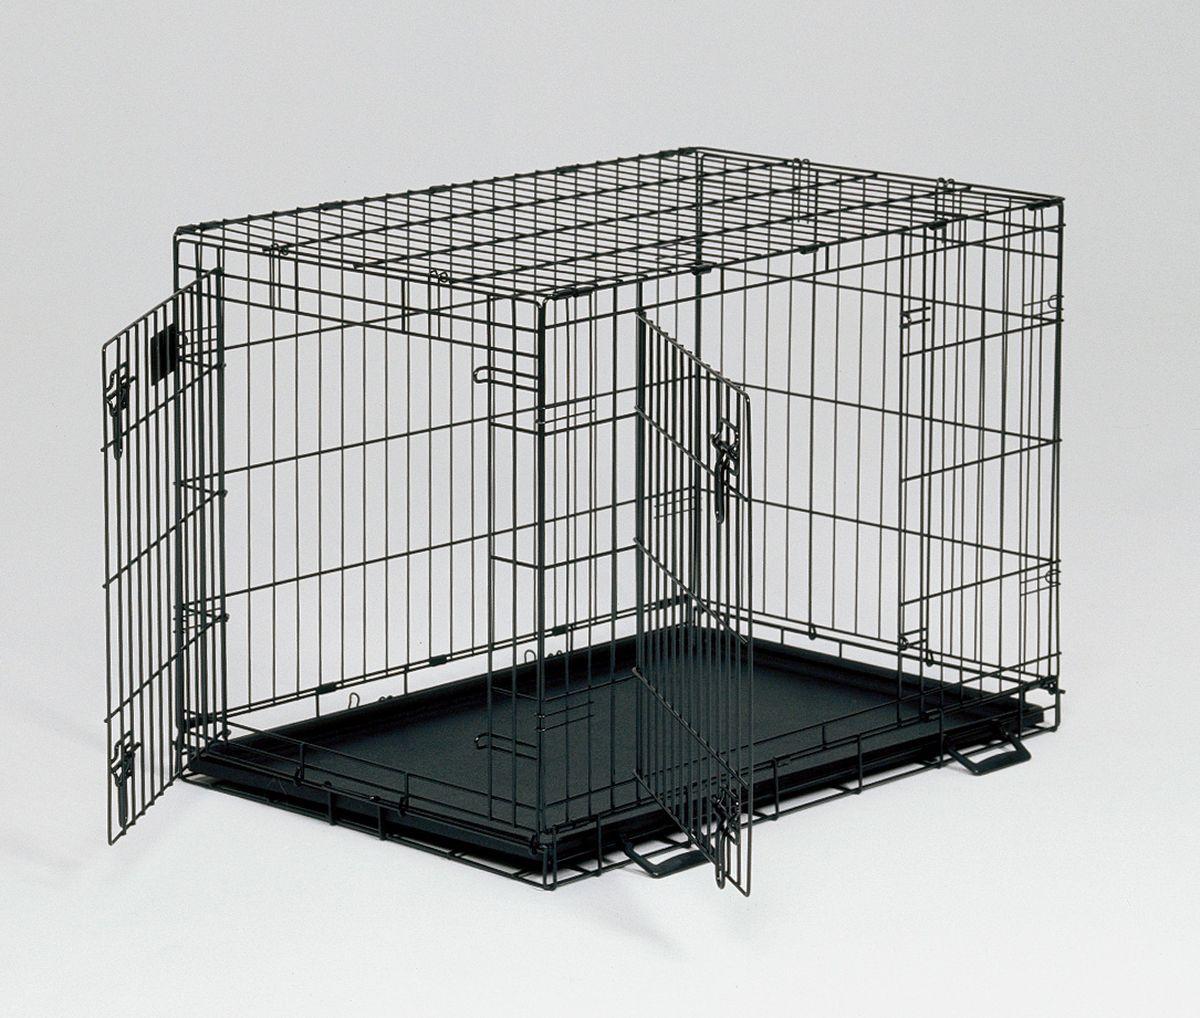 Клетка Midwest Life Stage 2 двери ,76 x 53 x 61 см1630DDКлетка для домашних животных Life Stage с одной или двумя дверьми. Устойчивая, крепкая клетка выполнена из качественного металла, обработана долговечным черным покрытием Electro-Coat, обеспечивает безопасность животного и хозяина. Двери расположены на смежных боковых сторонах. Удобный, крепкий двойной замок-задвижка позволяет закрыть клетку как снаружи, так и изнутри. В комплект включены: разделяющая панель, пластиковый поддон и специальные пластиковые ручки для удобной транспортировки клетки в сложенном виде. Закругленная угловая защита клетки обеспечивает безопасность питомцам и людям и не повреждает поверхность, на которой размещается. Разделяющая панель позволяет создавать универсальные отсеки. Поддон из композитного пластика легко моется. Клетка легко устанавливается и складывается без использования инструментов. В сложенном виде занимает мало места. Размер 76х53х61h см. Вес - 9,5 кг. Цвет - черный.